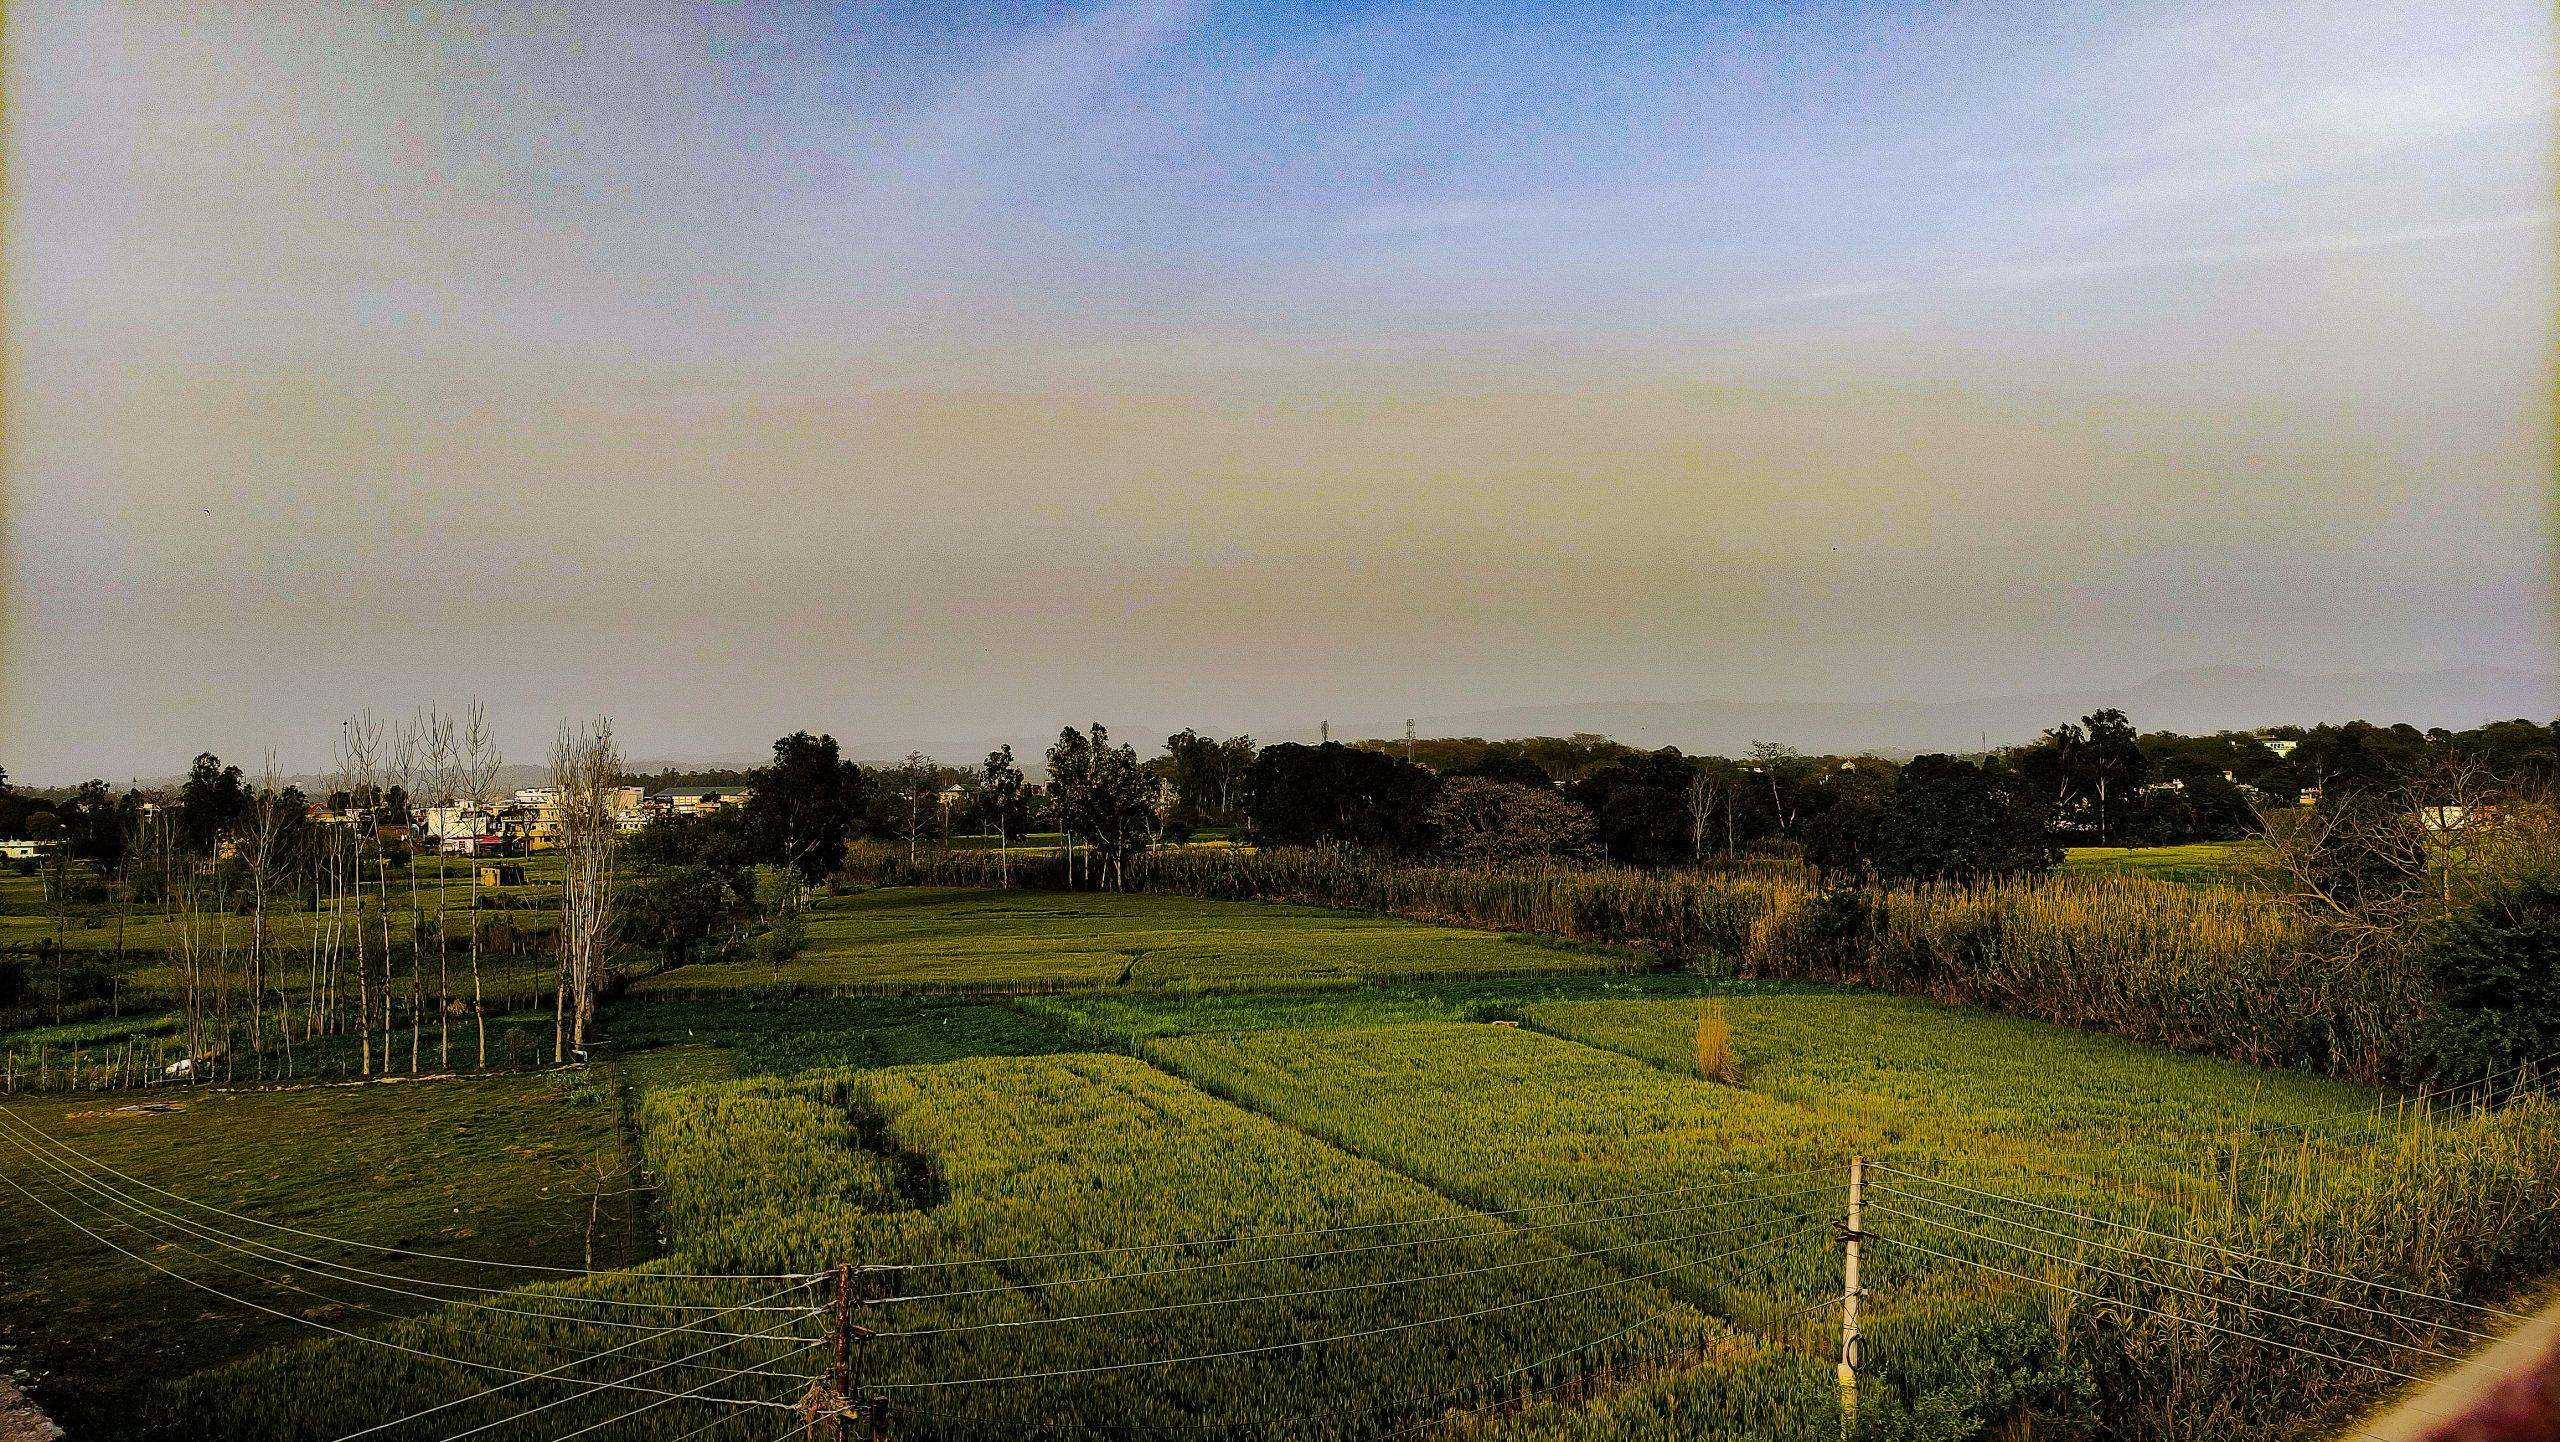 Agricultural land under blue sky